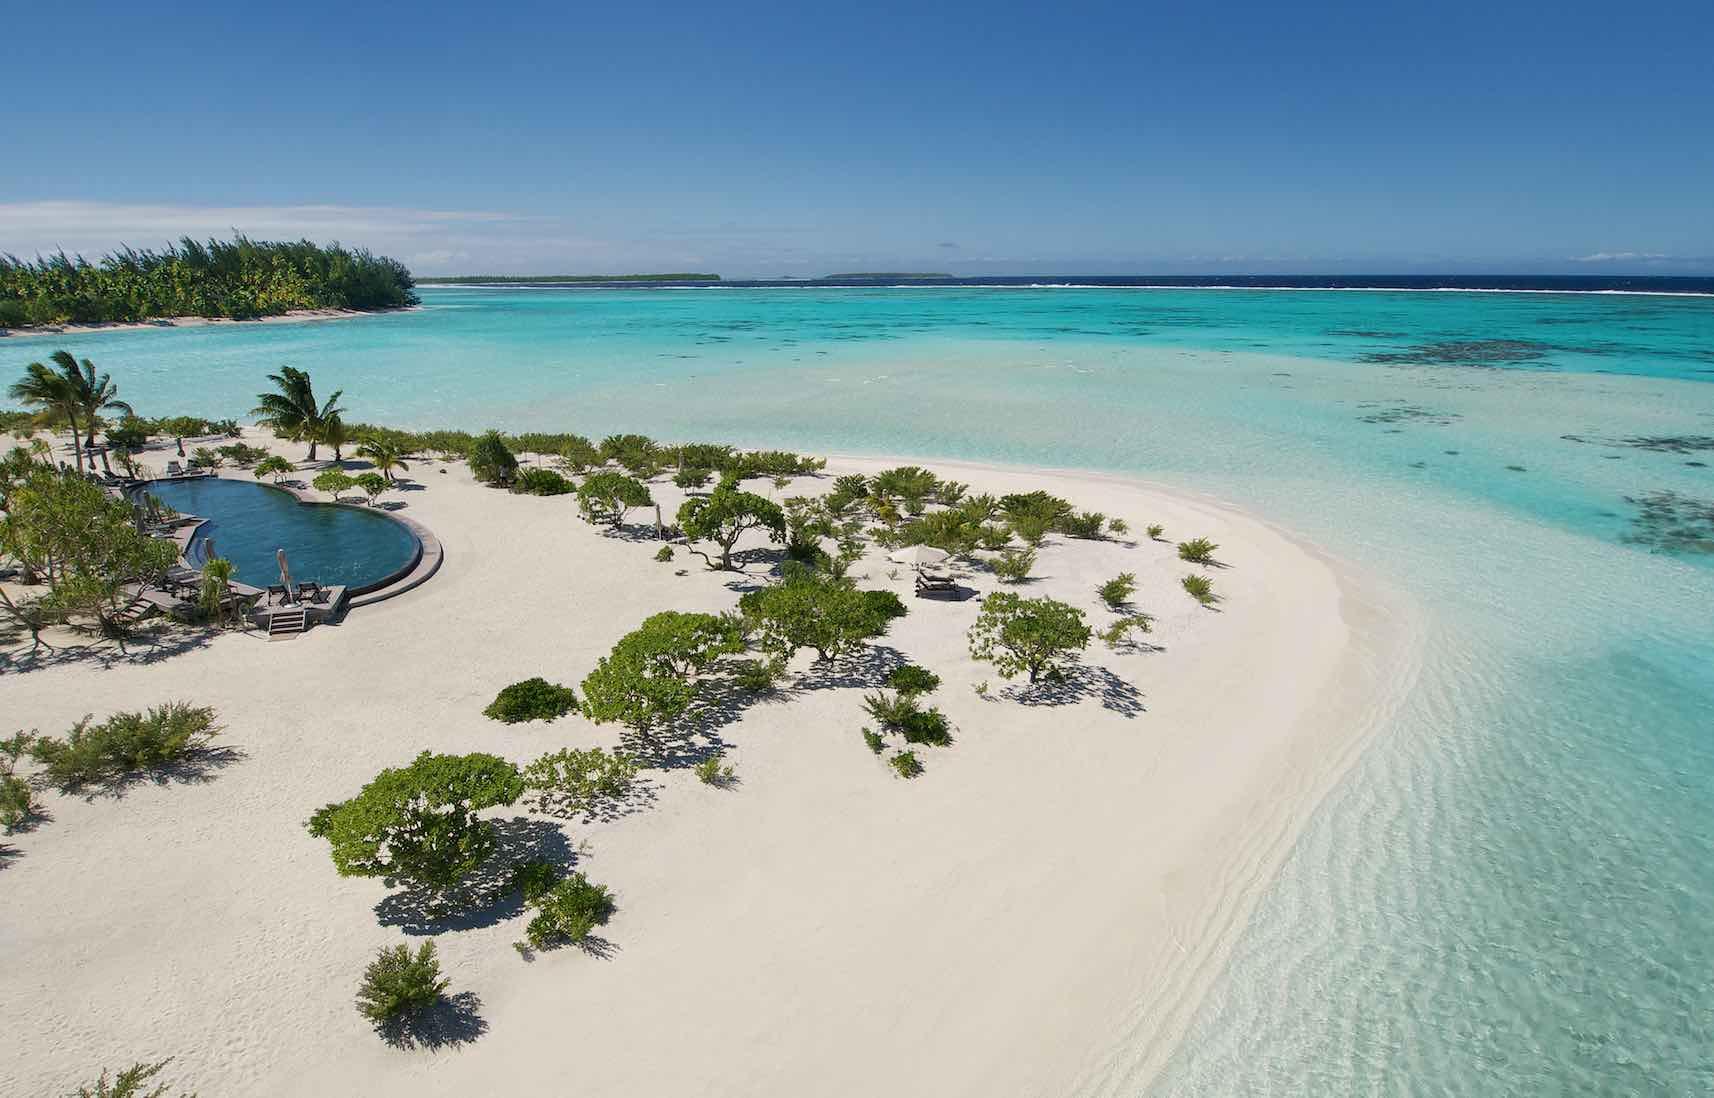 The Brando - A Perfect Hotel View in Bora Bora7.jpg